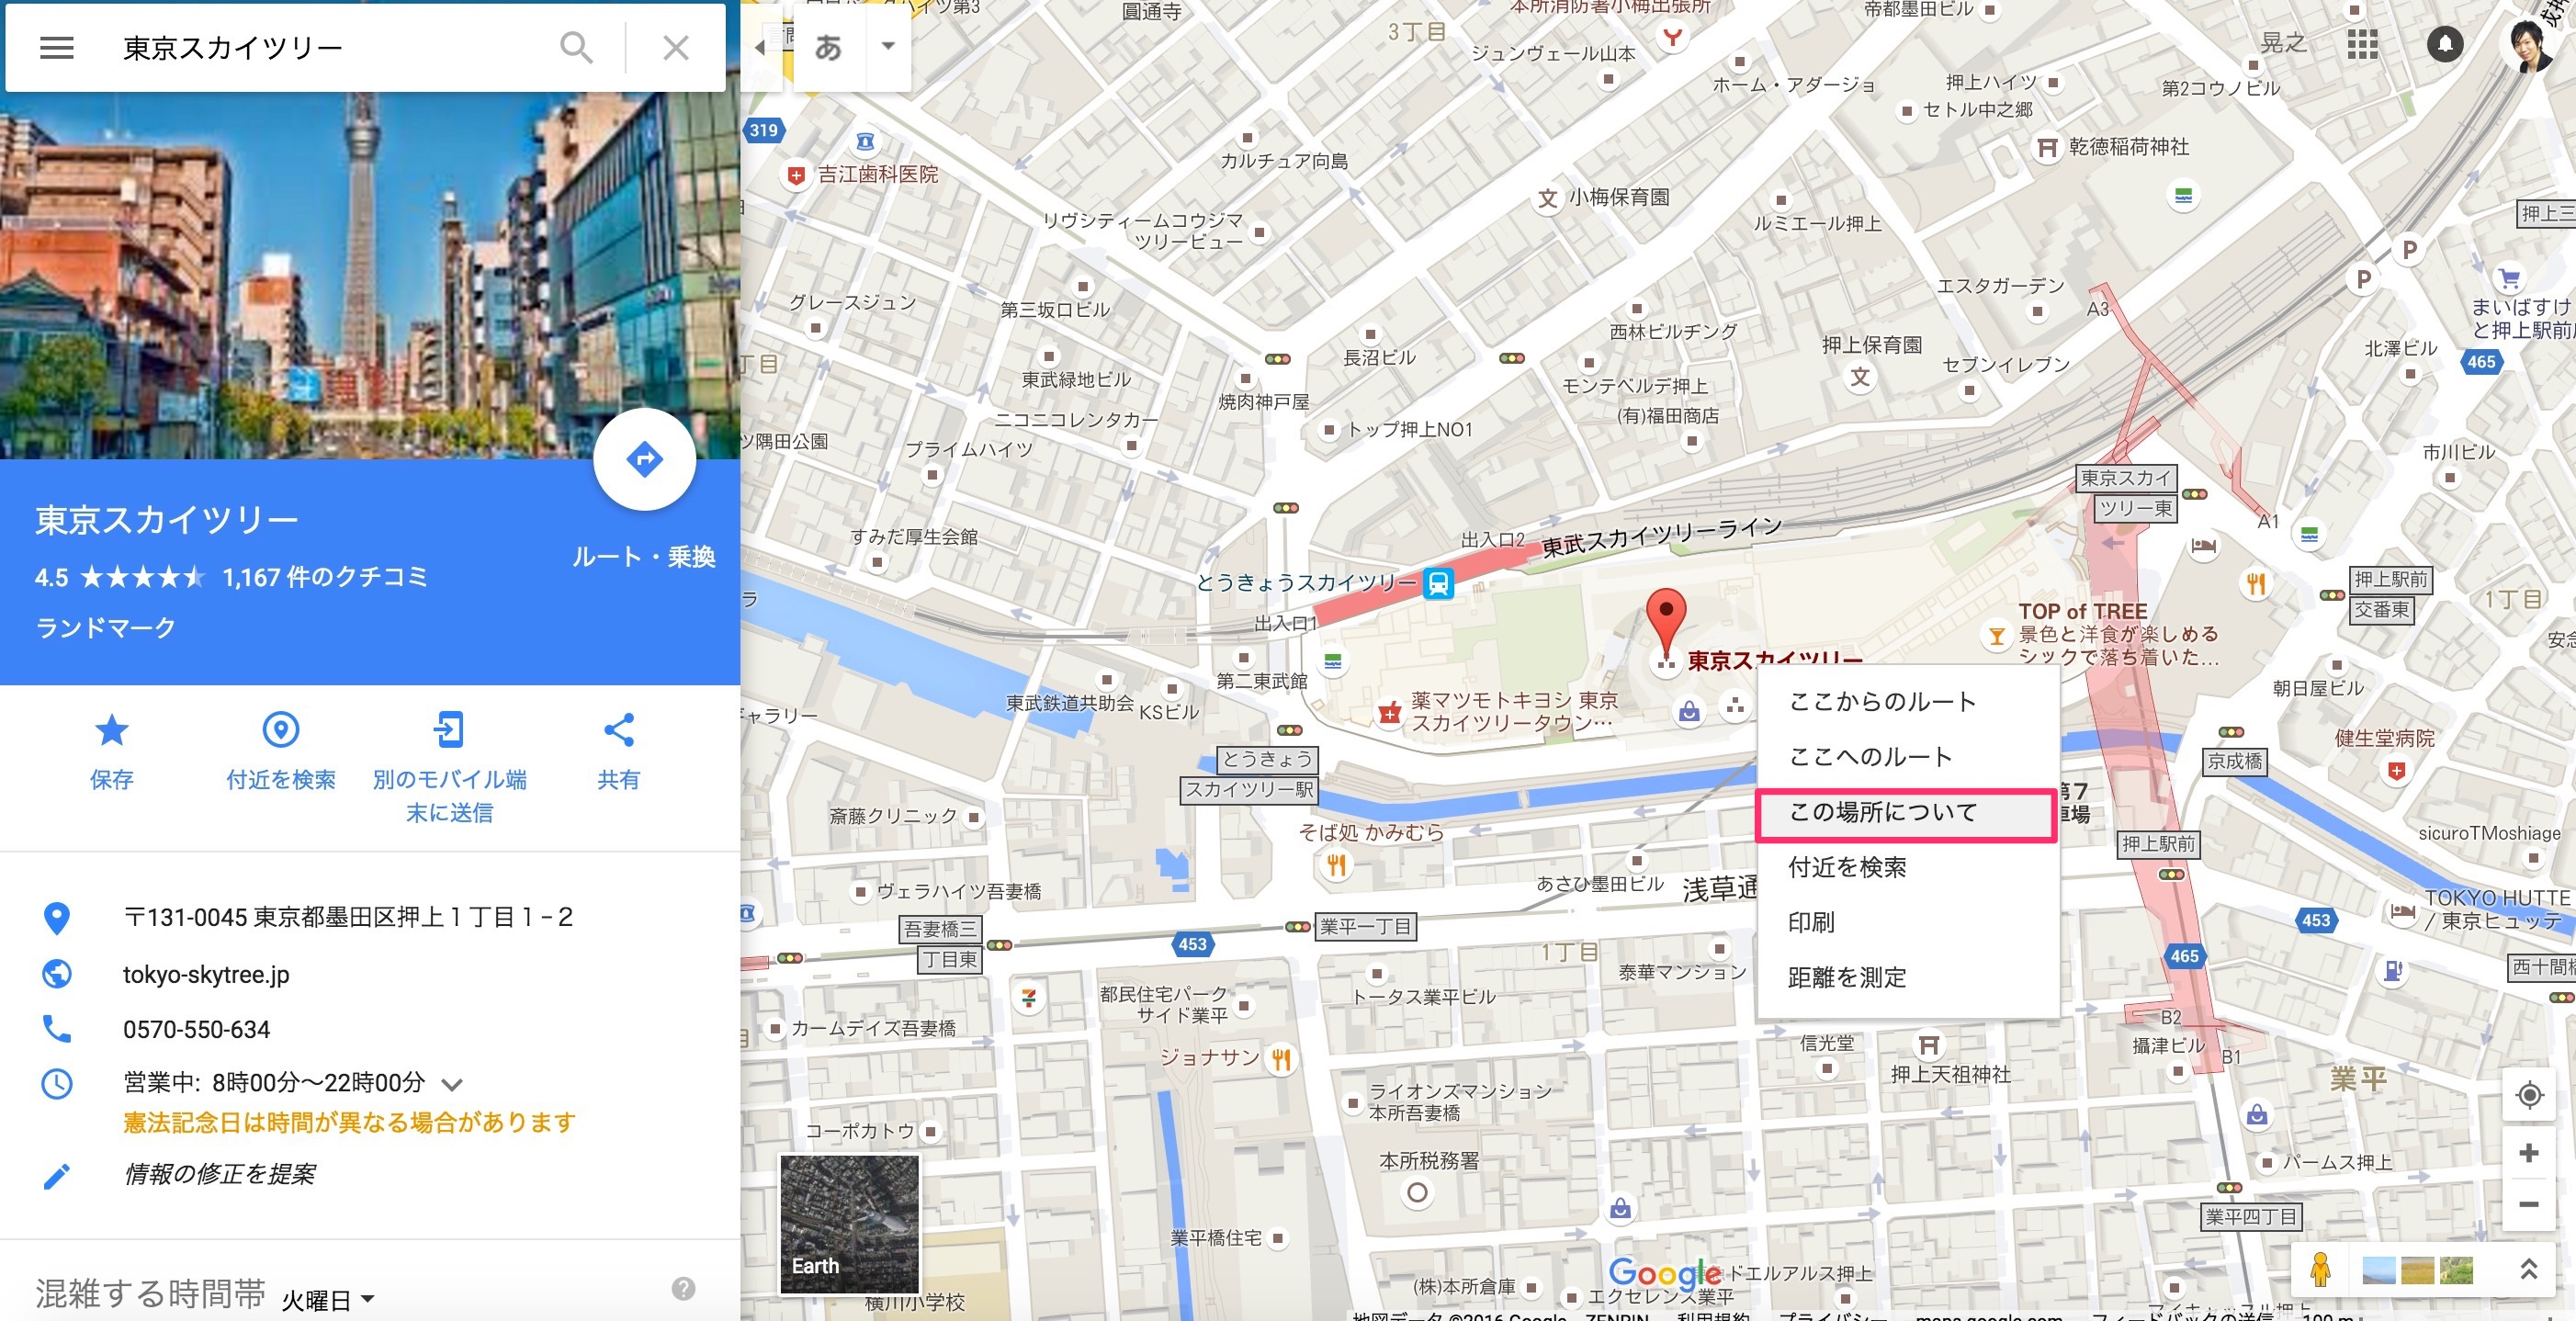 グーグルマップで緯度経度を表示する方法